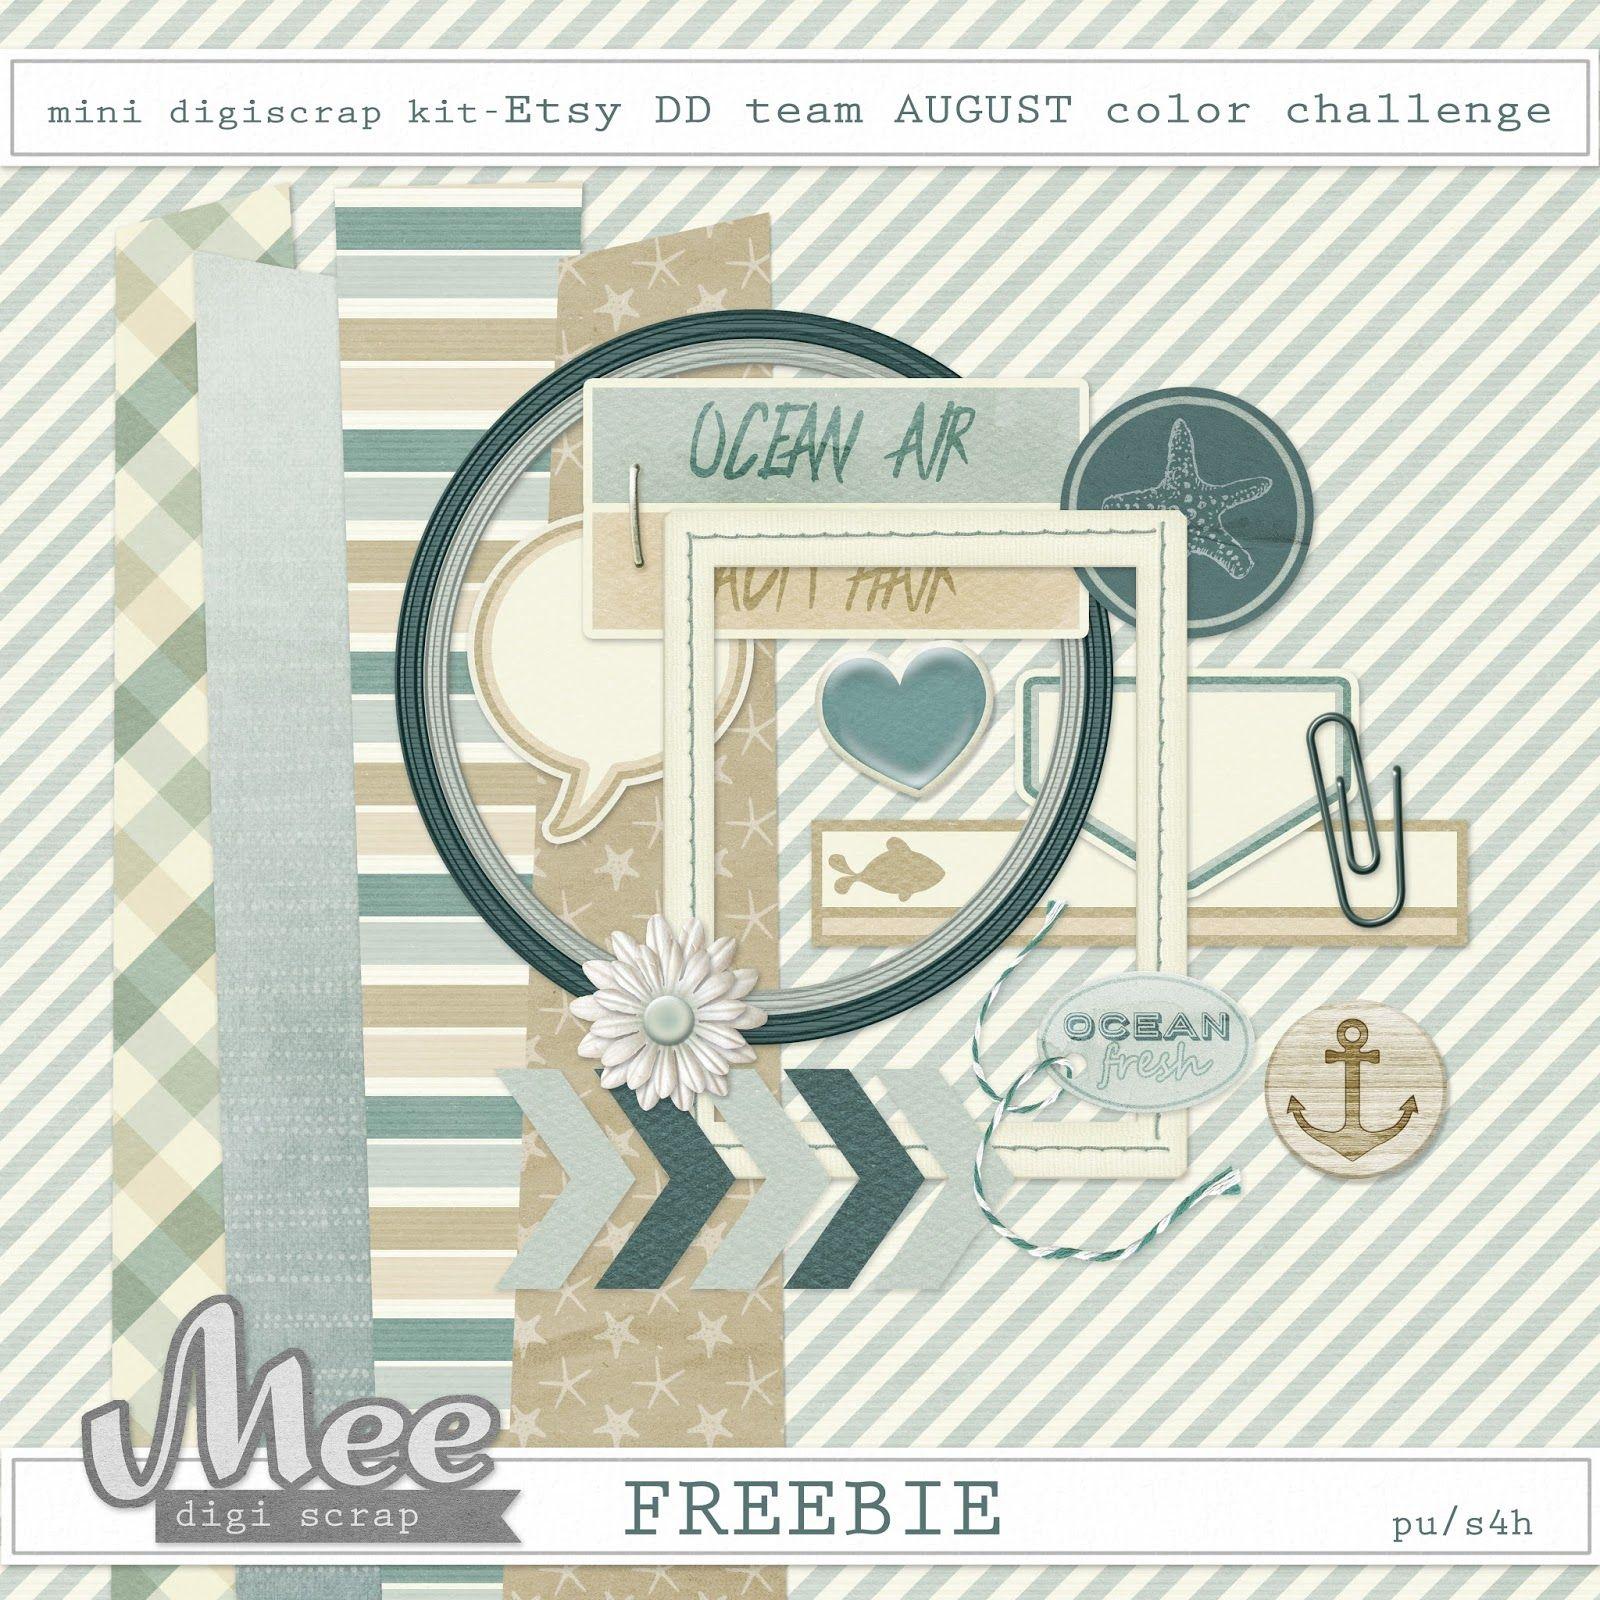 Scrapbook ideas download free - Mee Scrapbook Kits Free Download Free Mini Scrapbook Kit